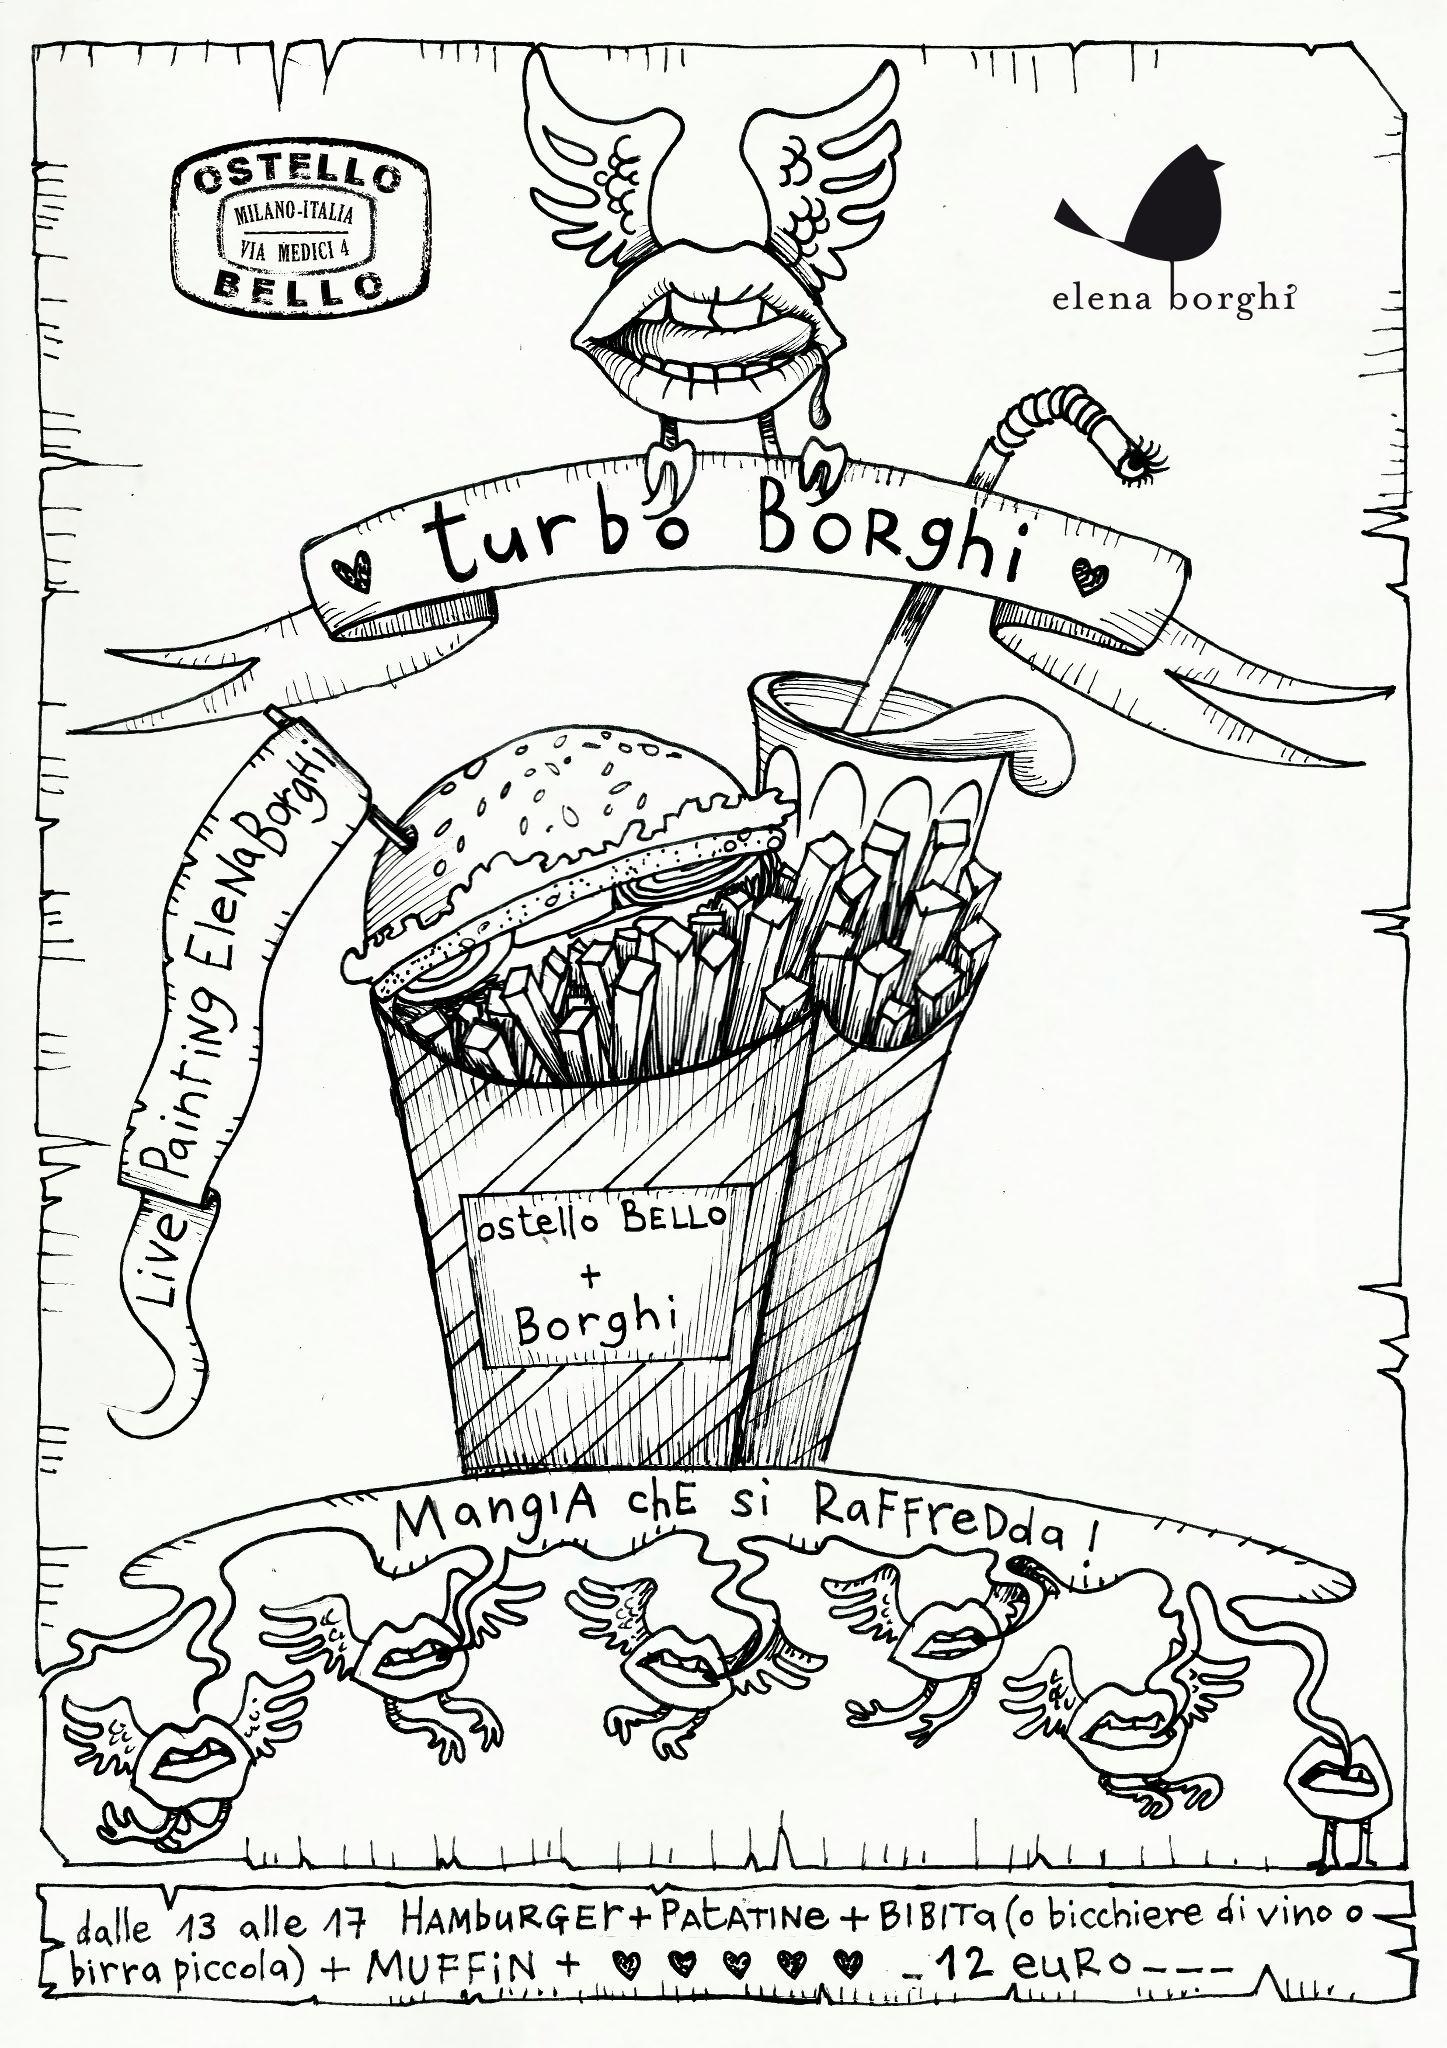 TurboBorghiDay-elena-borghi-ostello-bello